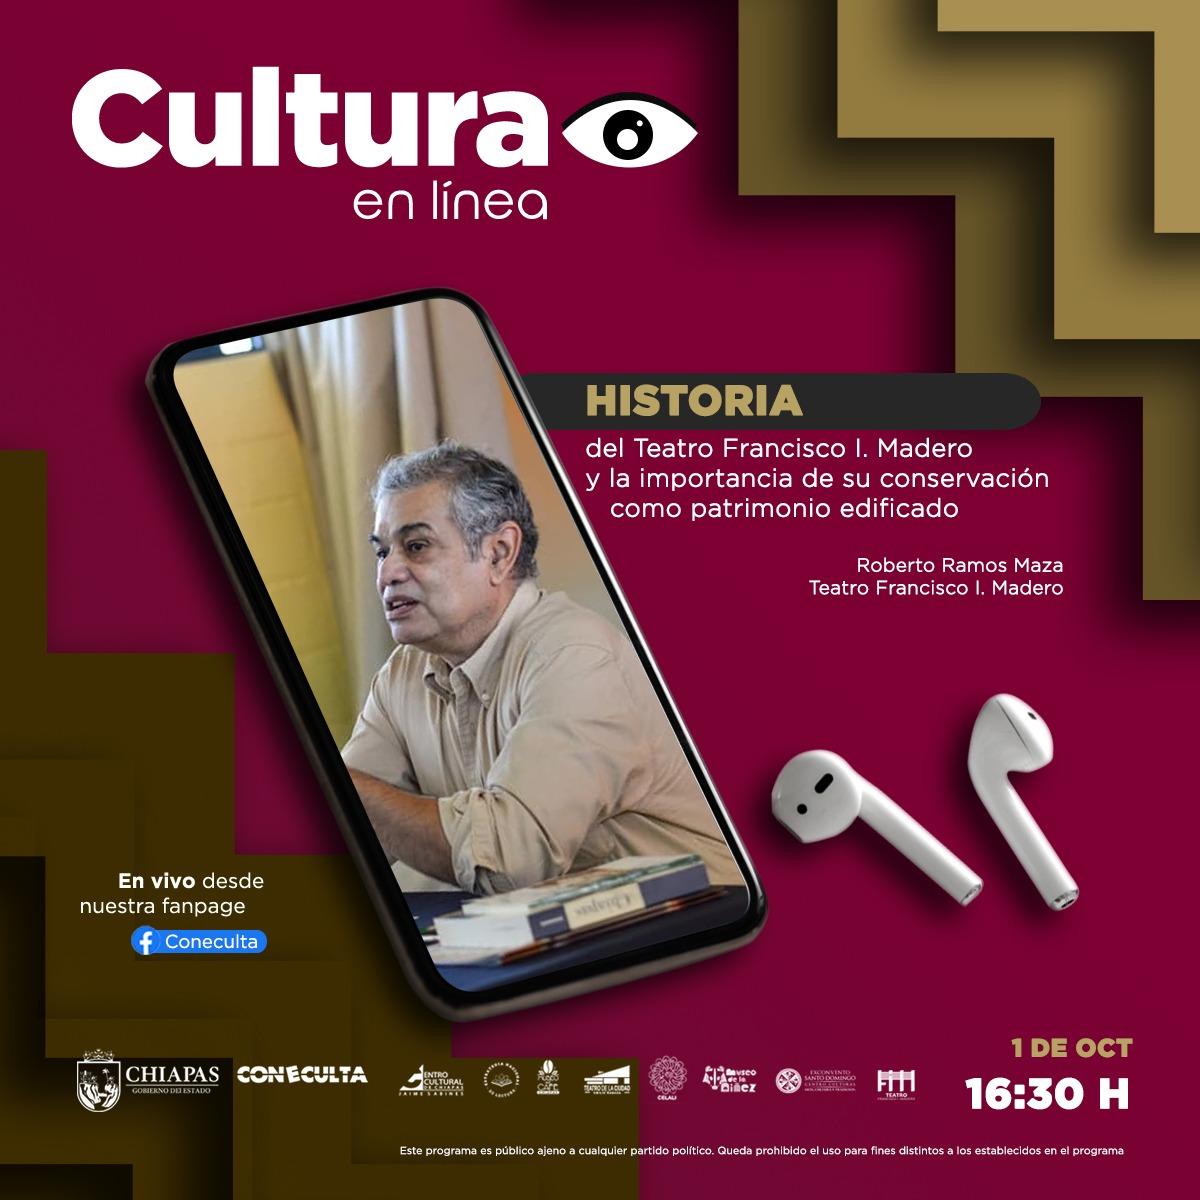 Historia del Teatro Francisco I. Madero y la importancia de su conservación como patrimonio edificado